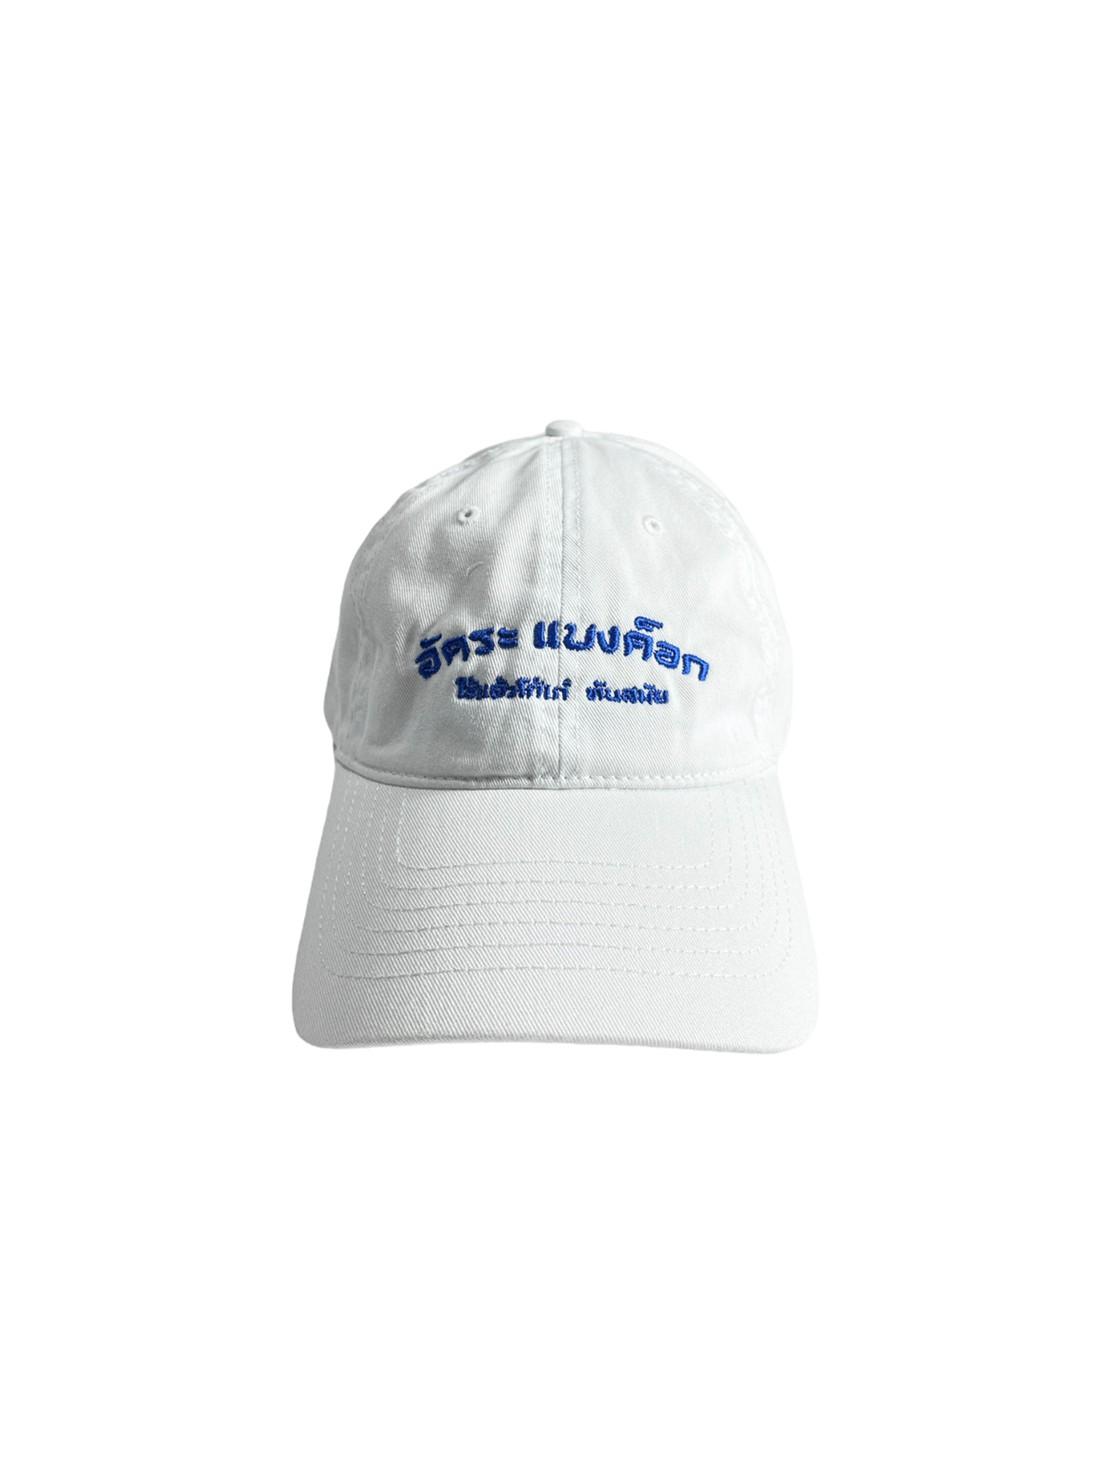 AKKARA Cap (White)